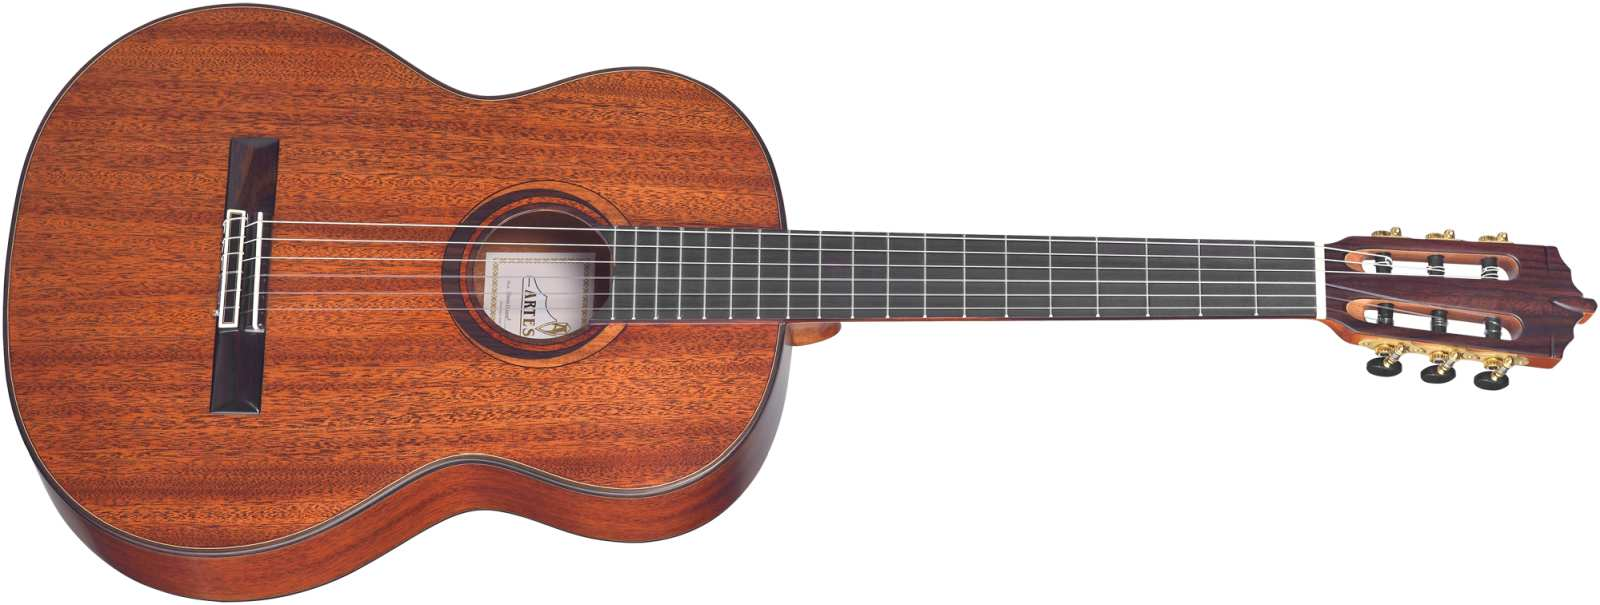 Artesano Nuevo Oscuro Konzertgitarre Mahagoni